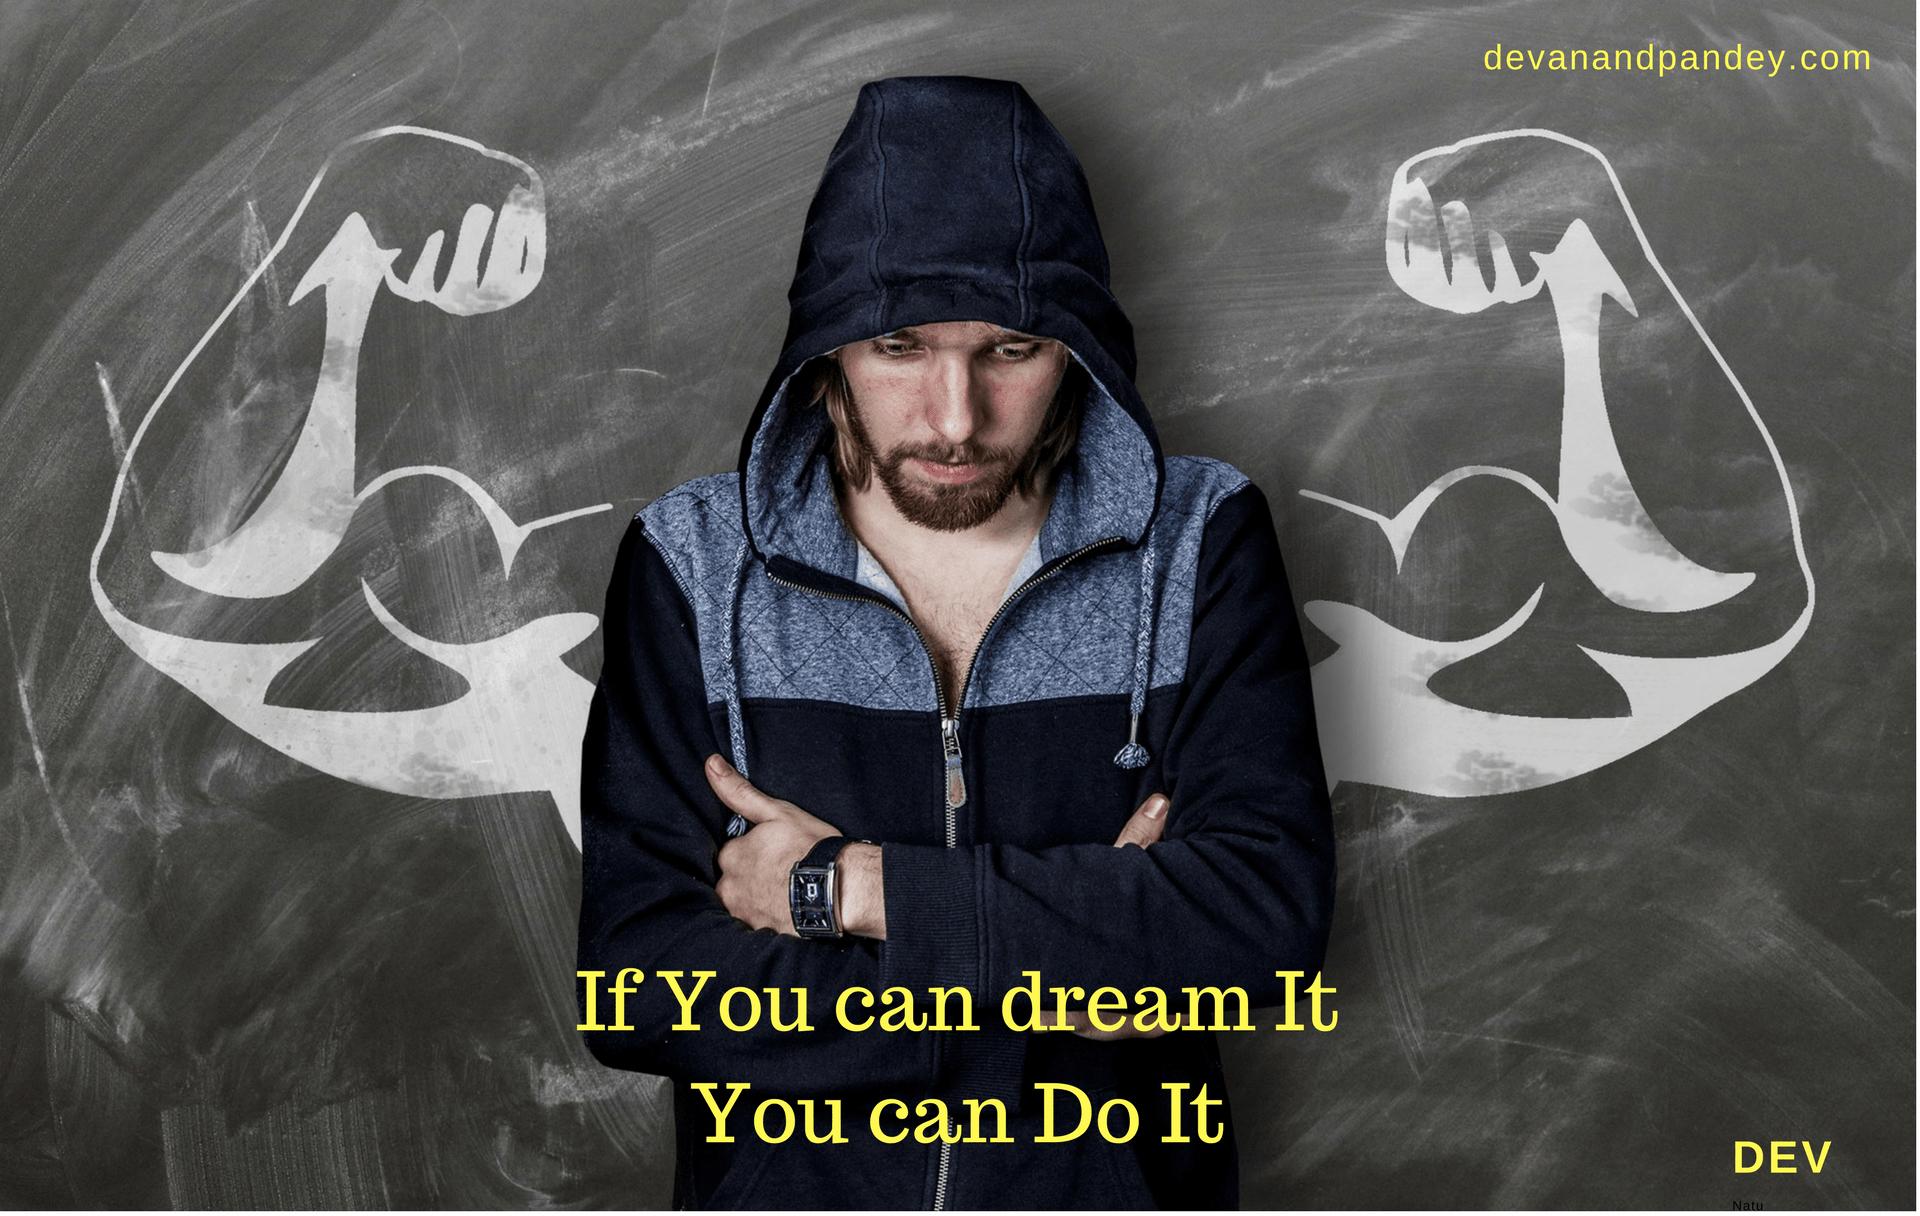 Dream it. Do it